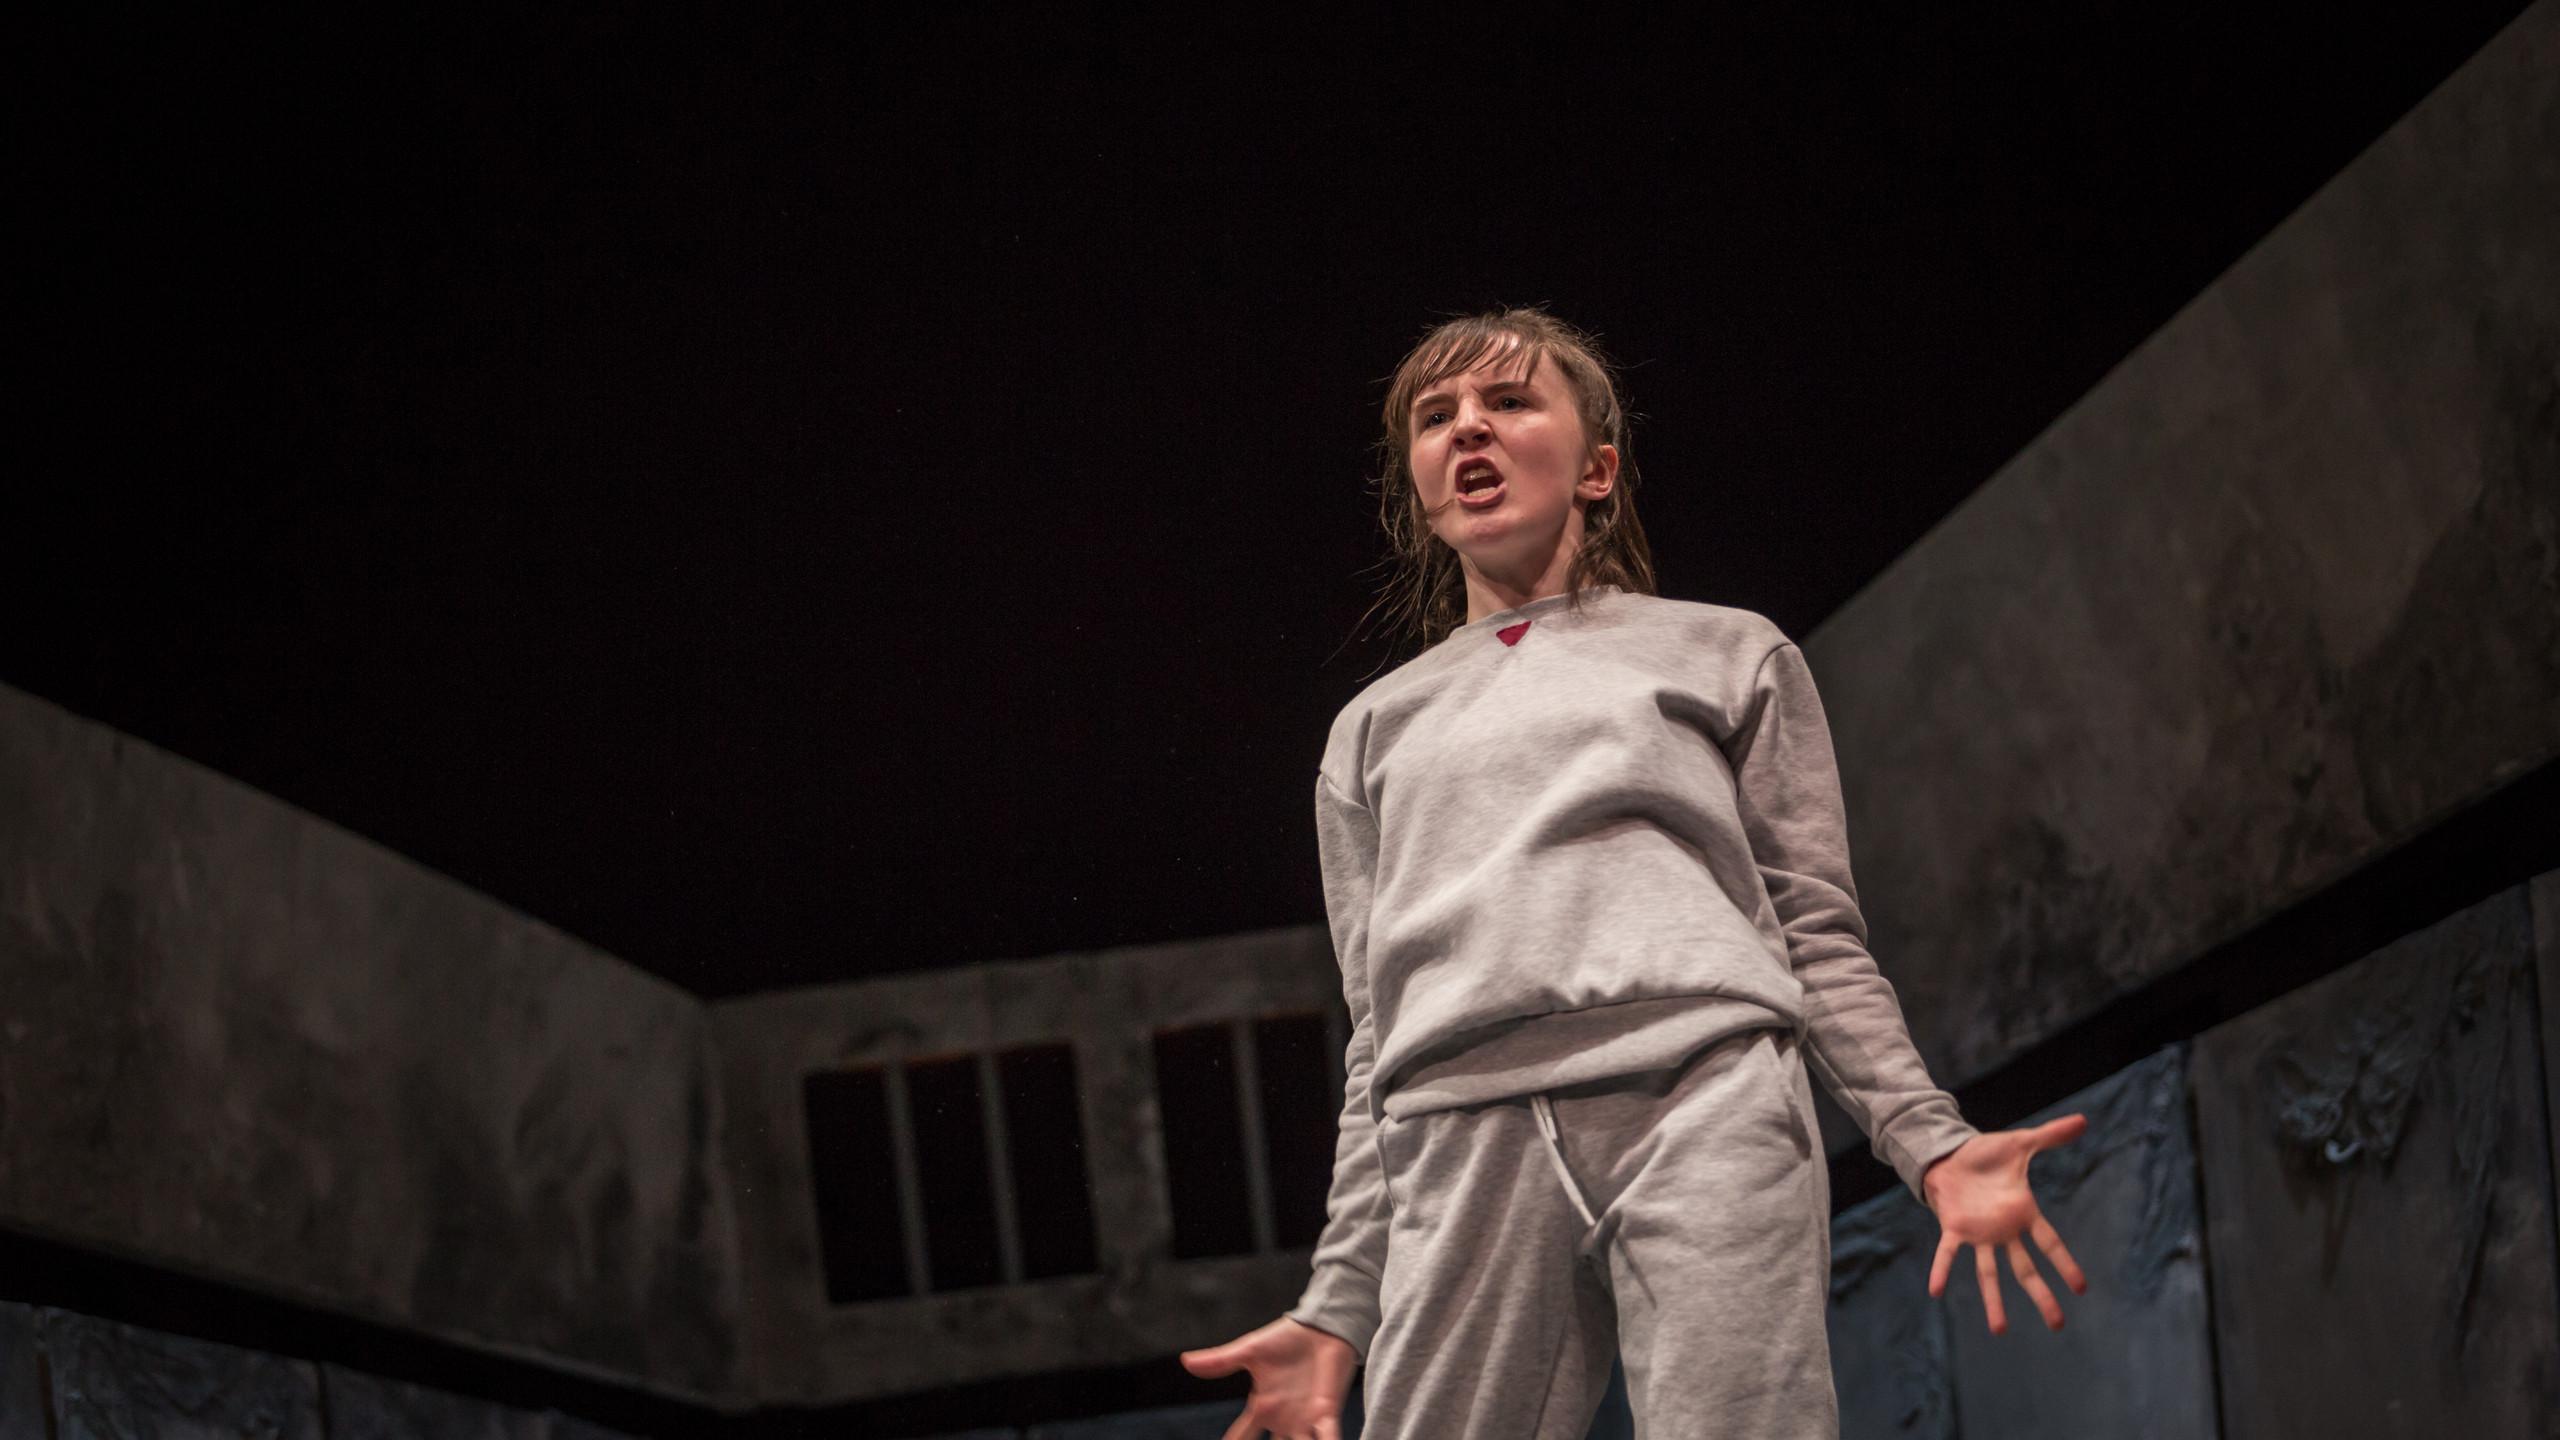 Katie Honan in The Ridleys